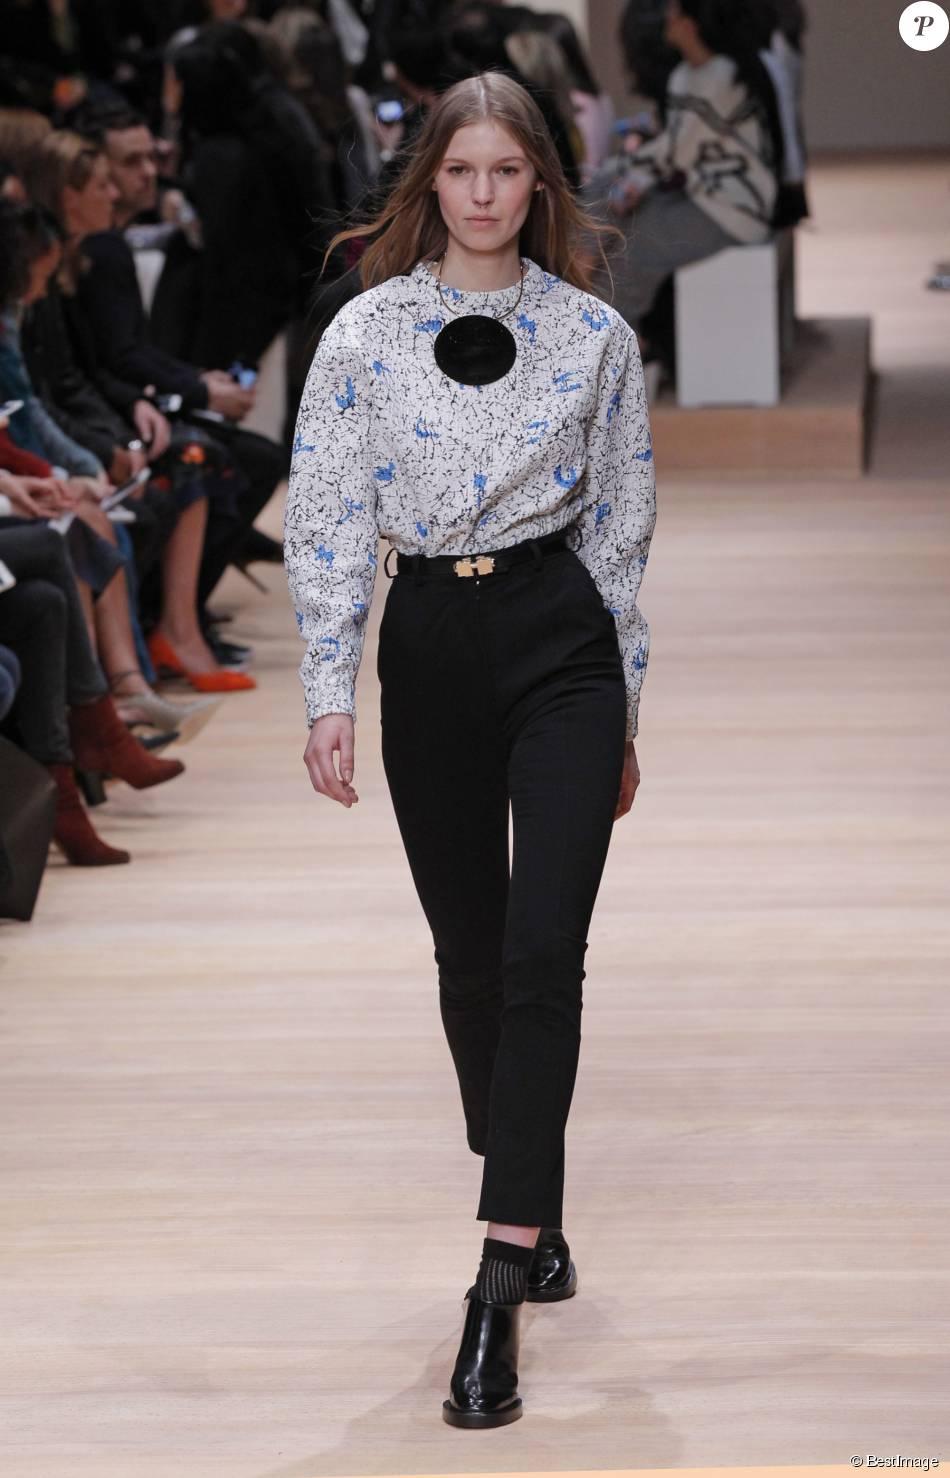 d fil de mode carven collection automne hiver 2015 2016 lors de la fashion week paris le 5. Black Bedroom Furniture Sets. Home Design Ideas